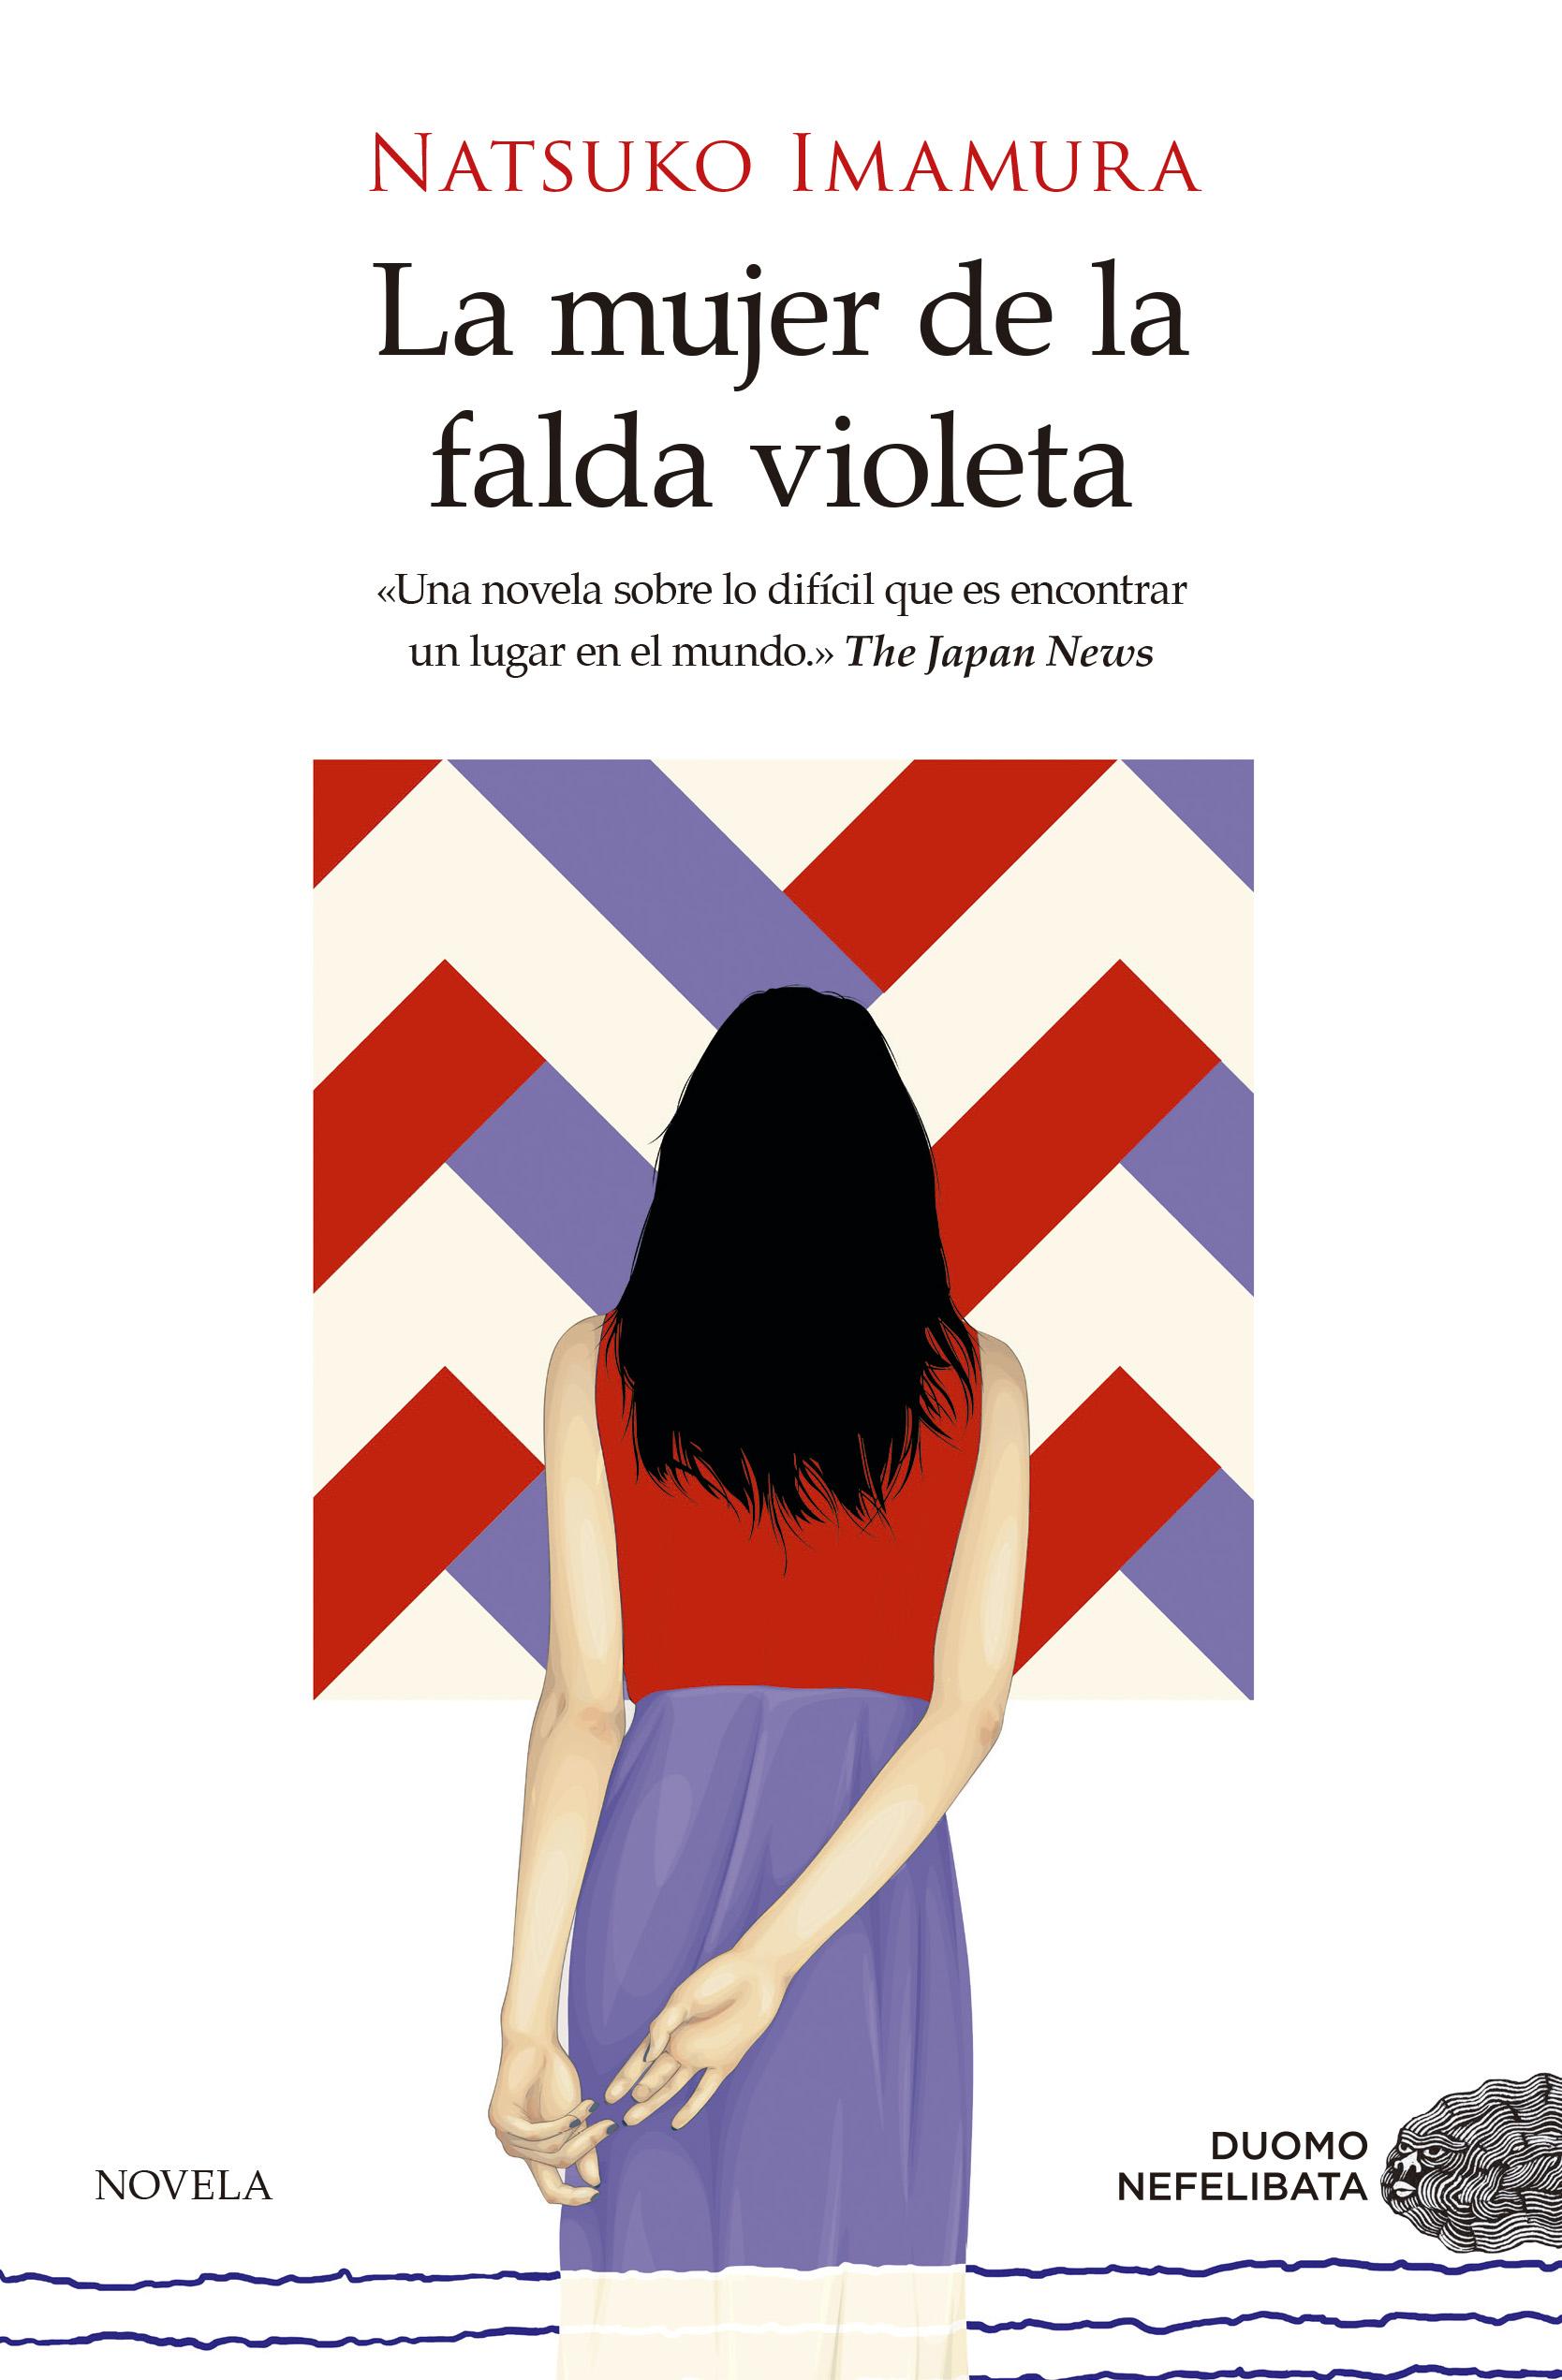 La mujer de la falda violeta - Imamura Natsuko